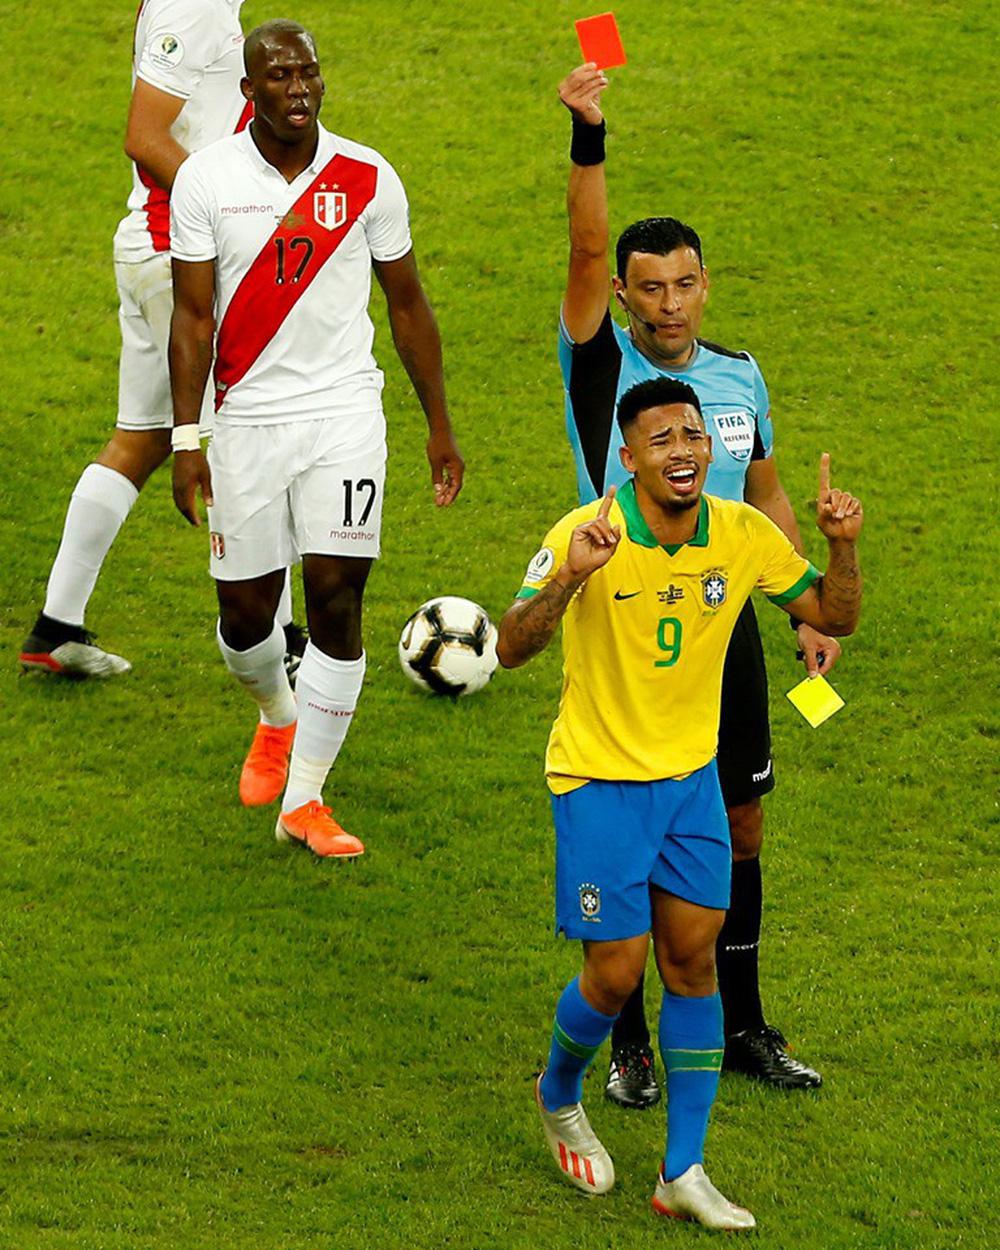 Ghi bàn, kiến tạo rồi ăn thẻ đỏ, tiền đạo Brazil sút tung chai nước, đẩy ngã màn hình VAR rồi khóc như trẻ con trong đường hầm - Ảnh 1.